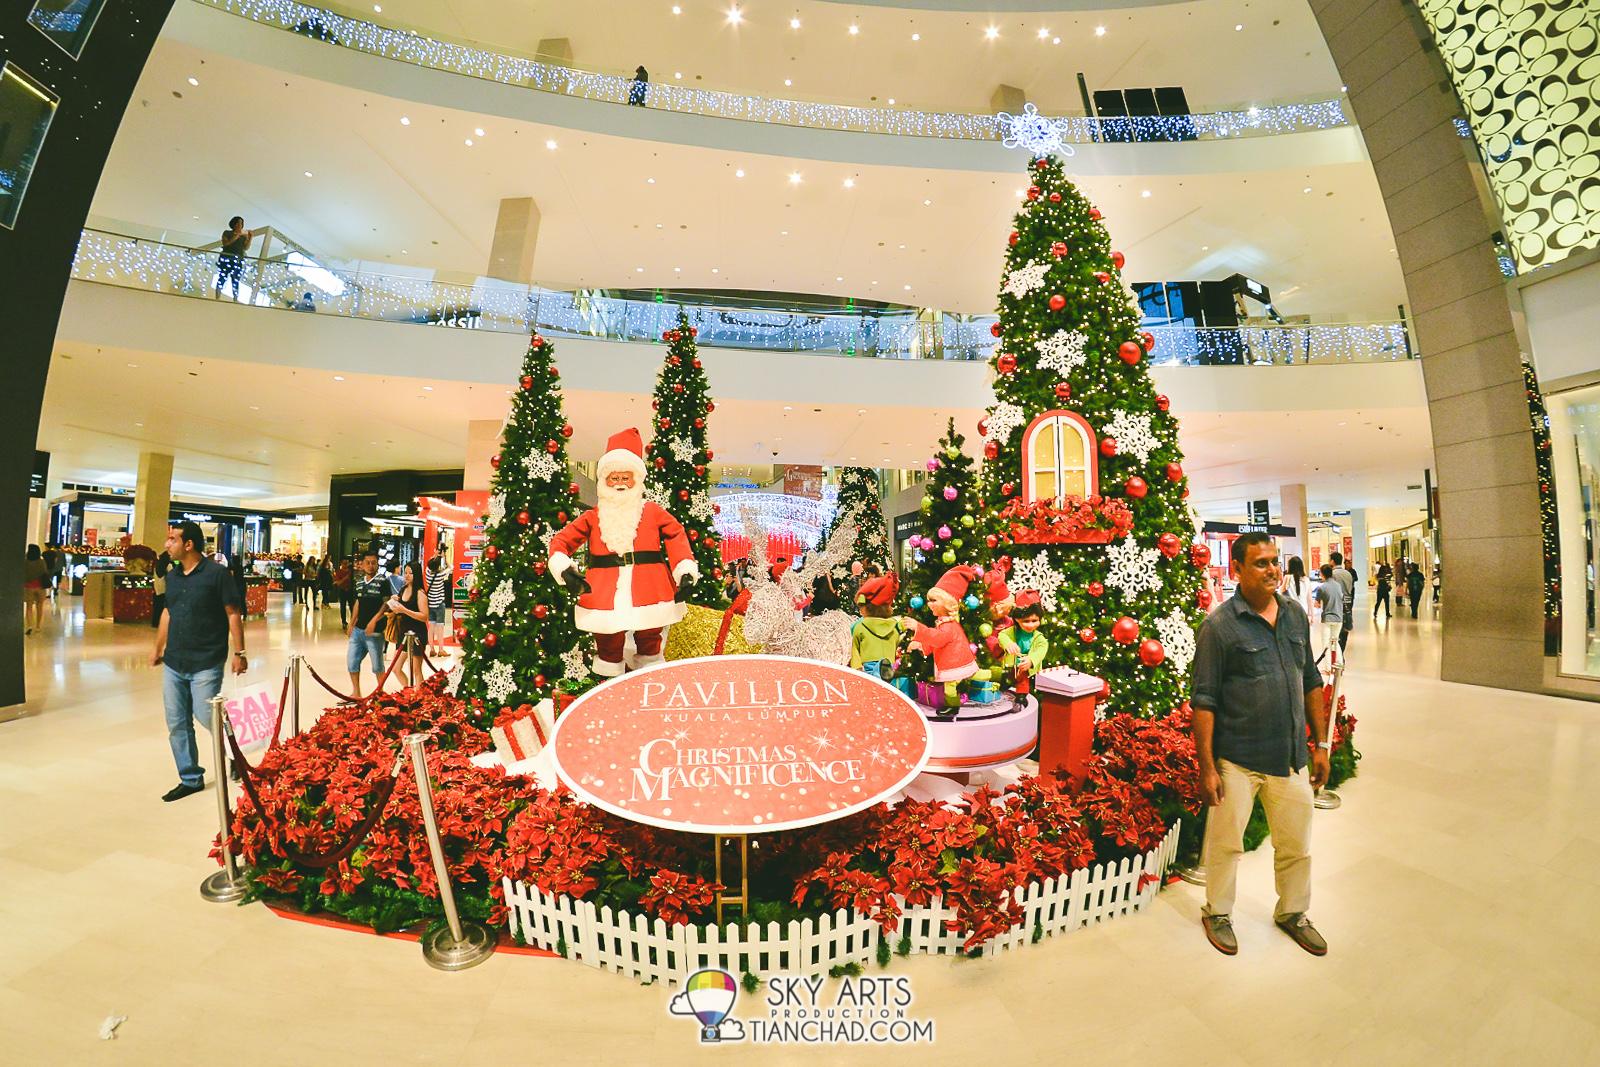 Christmas Decoration 2014 2014 christmas decoration @ pavilion kuala lumpur shopping mall